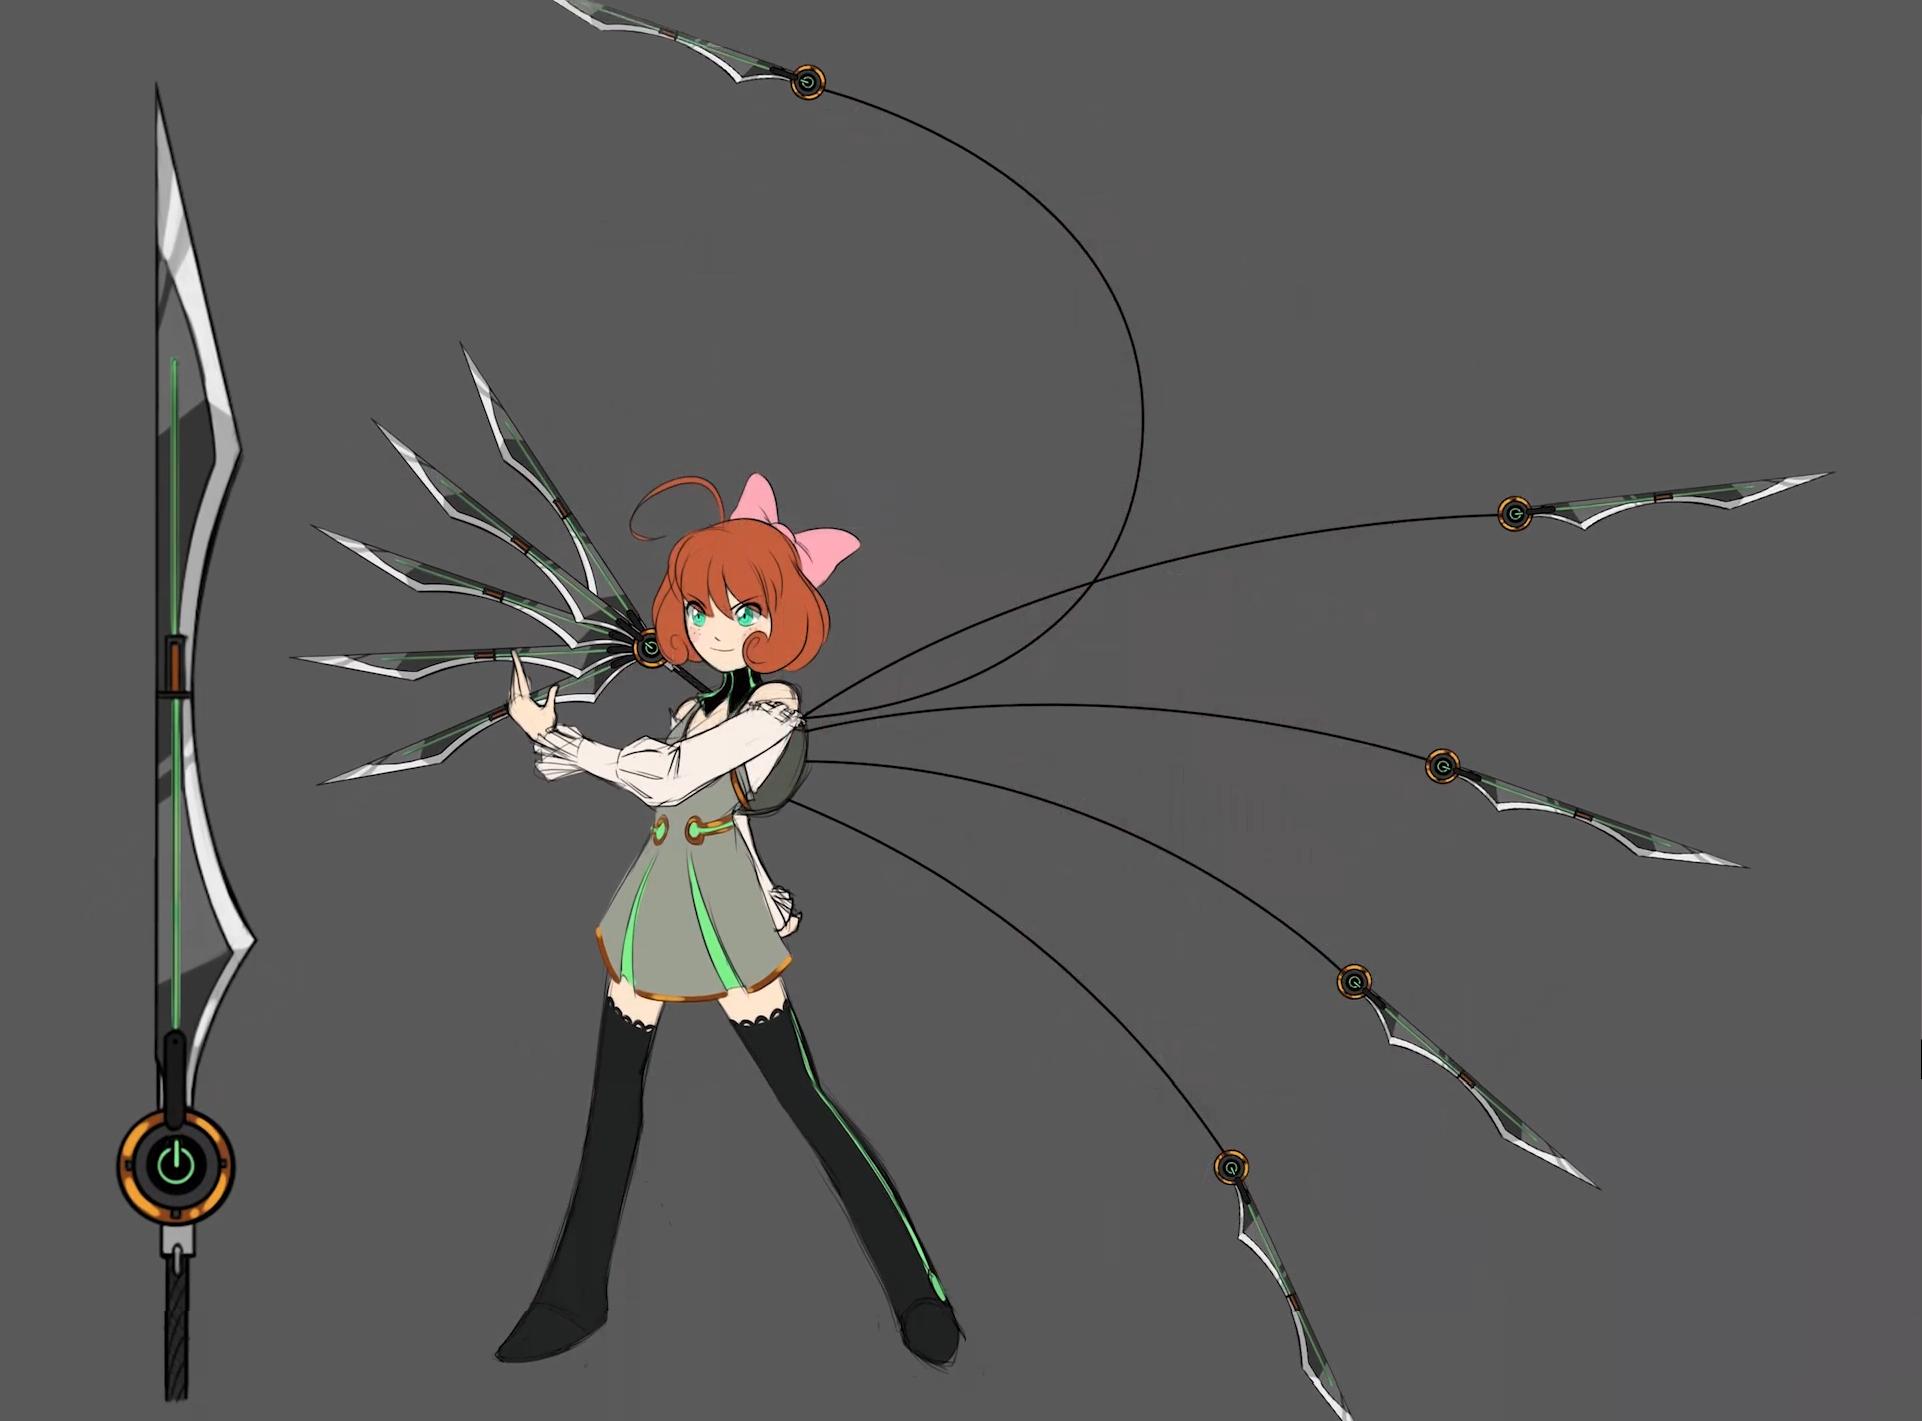 Rwby Nora Weapon